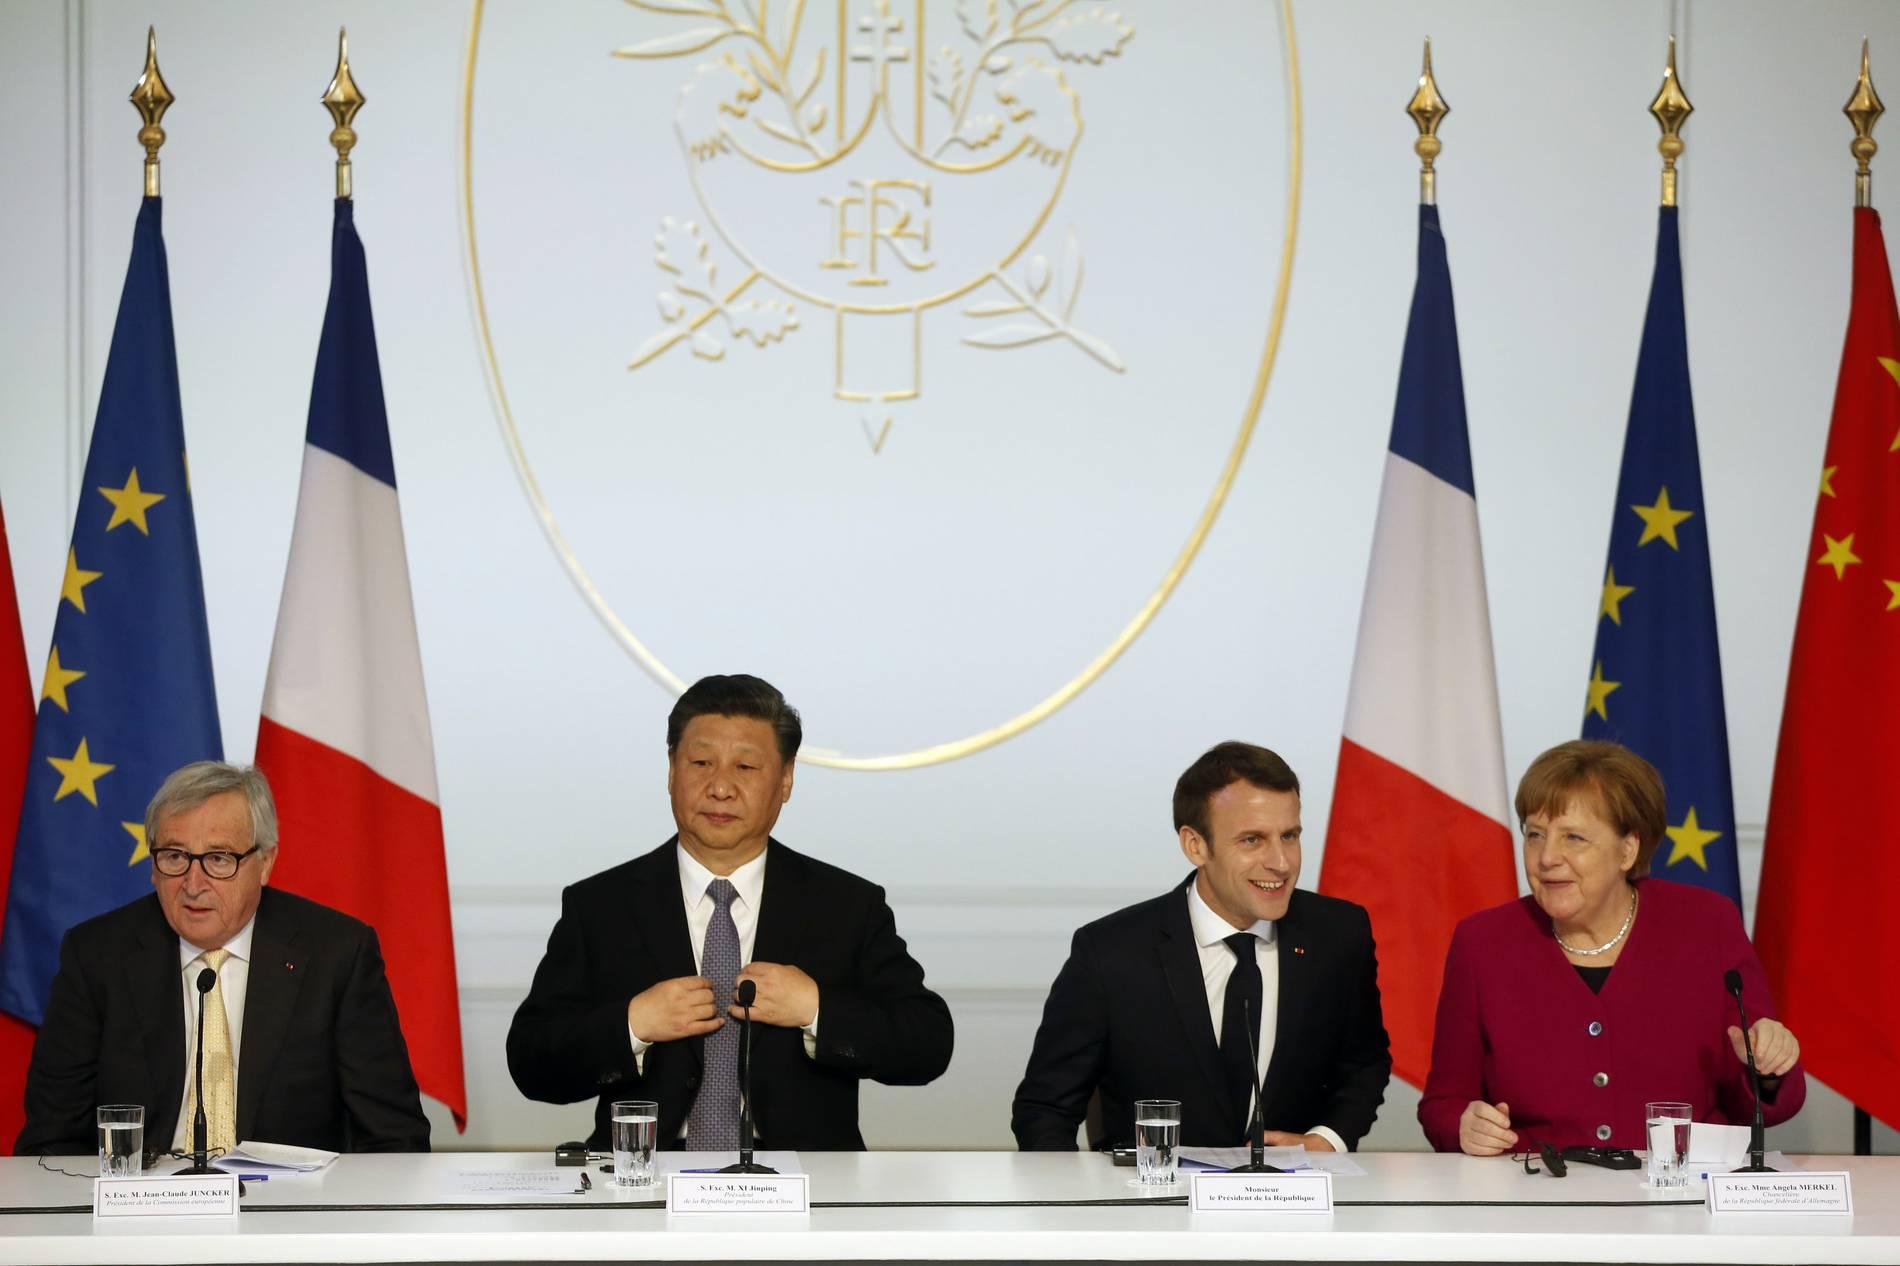 Merkel und Macron: Trotz Bedenken mit China zusammenarbeiten